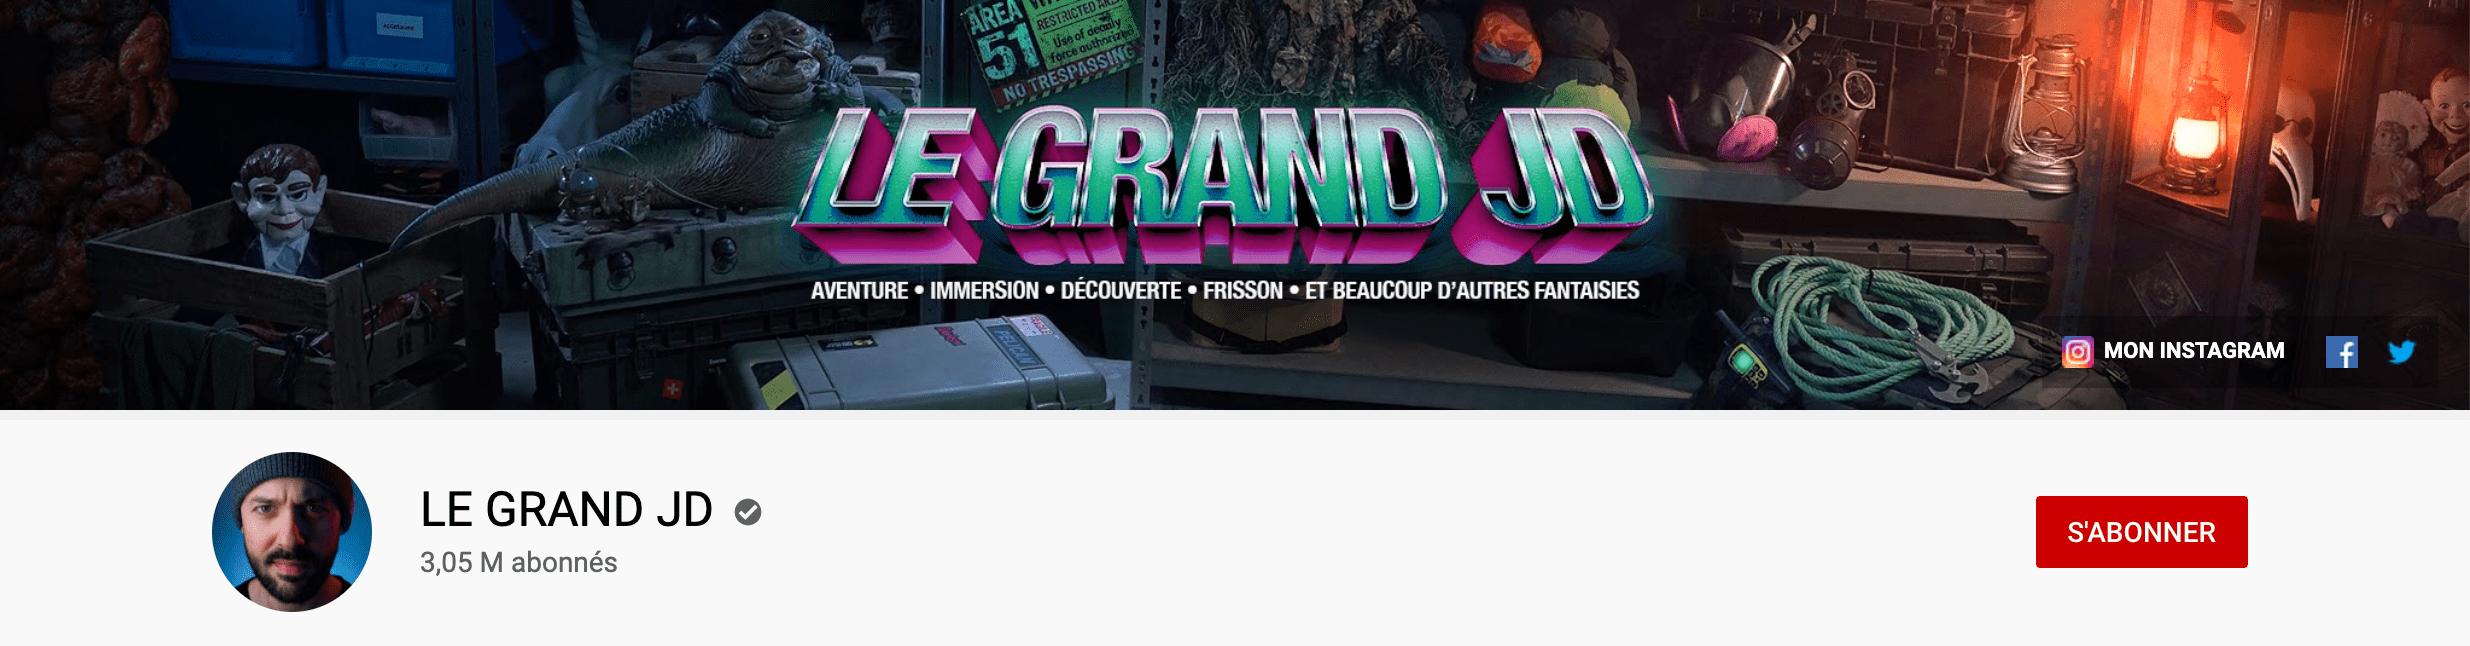 Bannière youtube du Grand JD